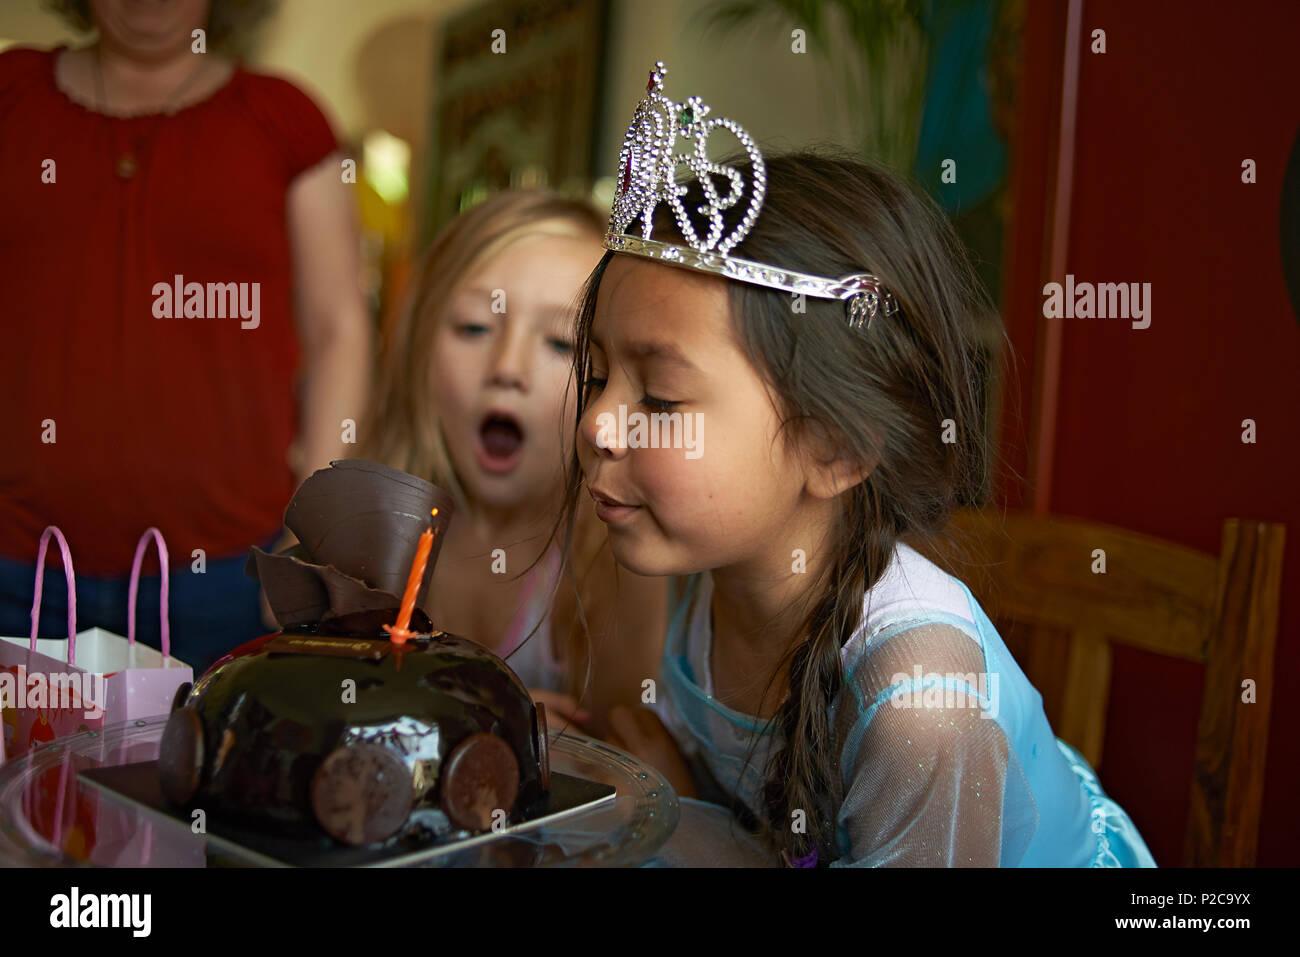 Cute little Asia preadolescentes vestida de un vestido de princesa y una tiara soplar las velas de su tarta de cumpleaños con su mejor amiga sentada junto a ella Imagen De Stock